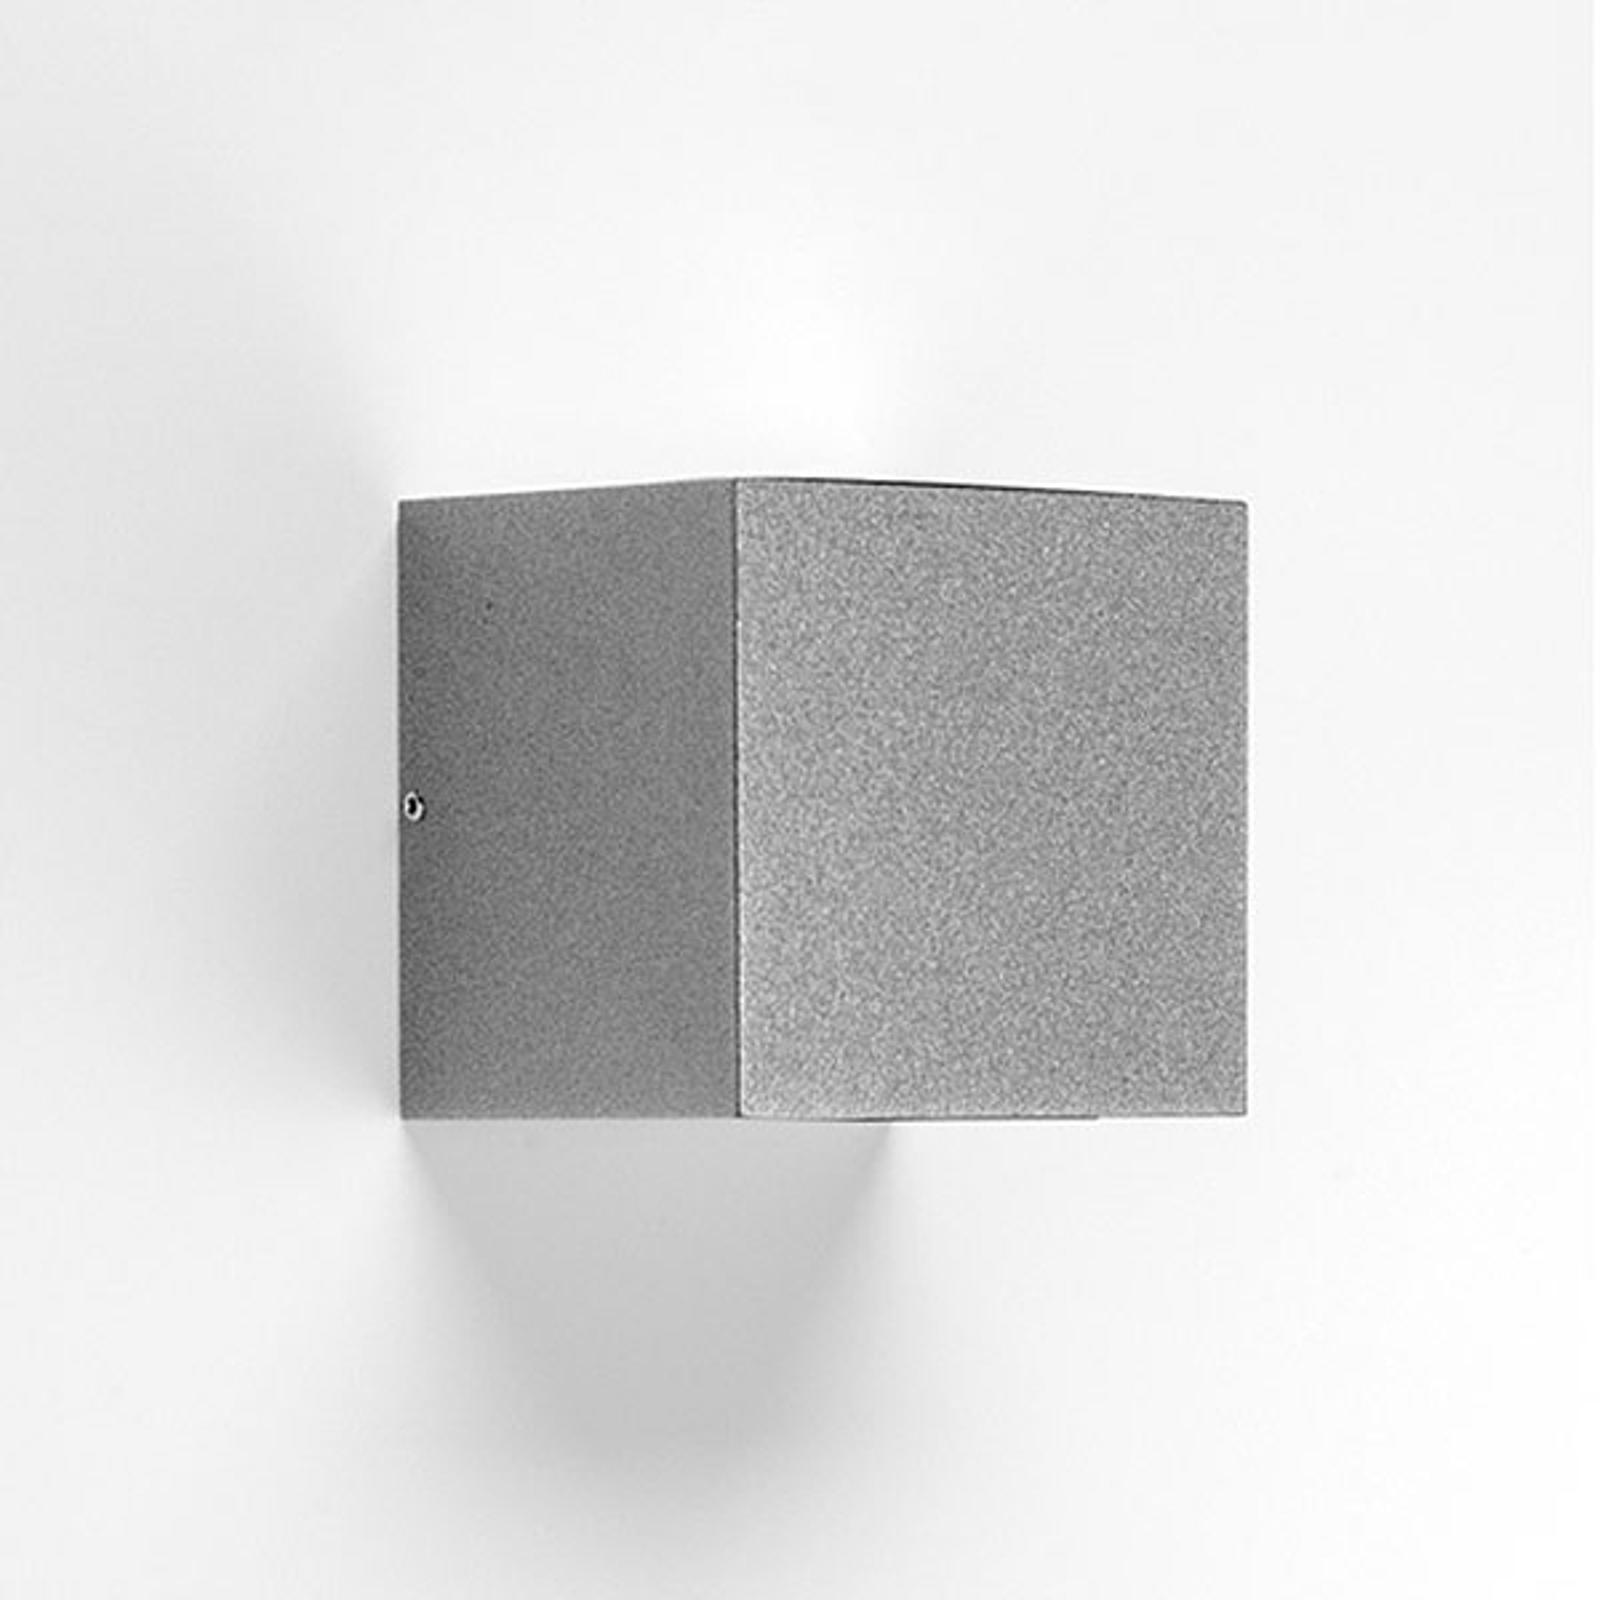 LED-vegglampe 303366 i grå, 1NB+1WB 3000K